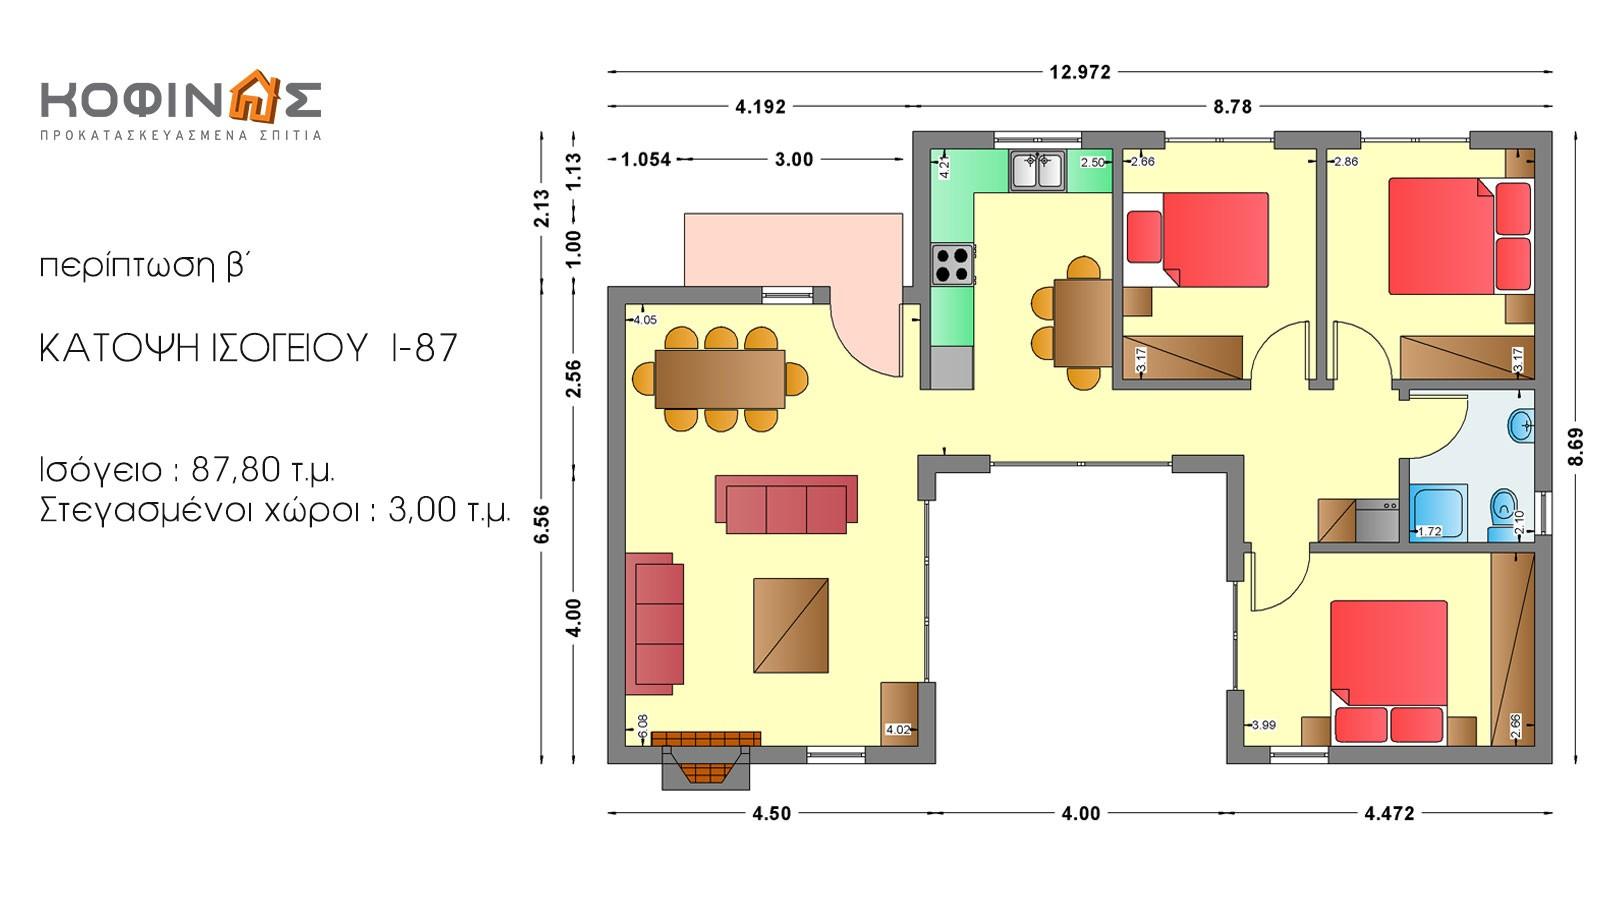 Ισόγεια Κατοικία I-87, συνολικής επιφάνειας 87,80 τ.μ.